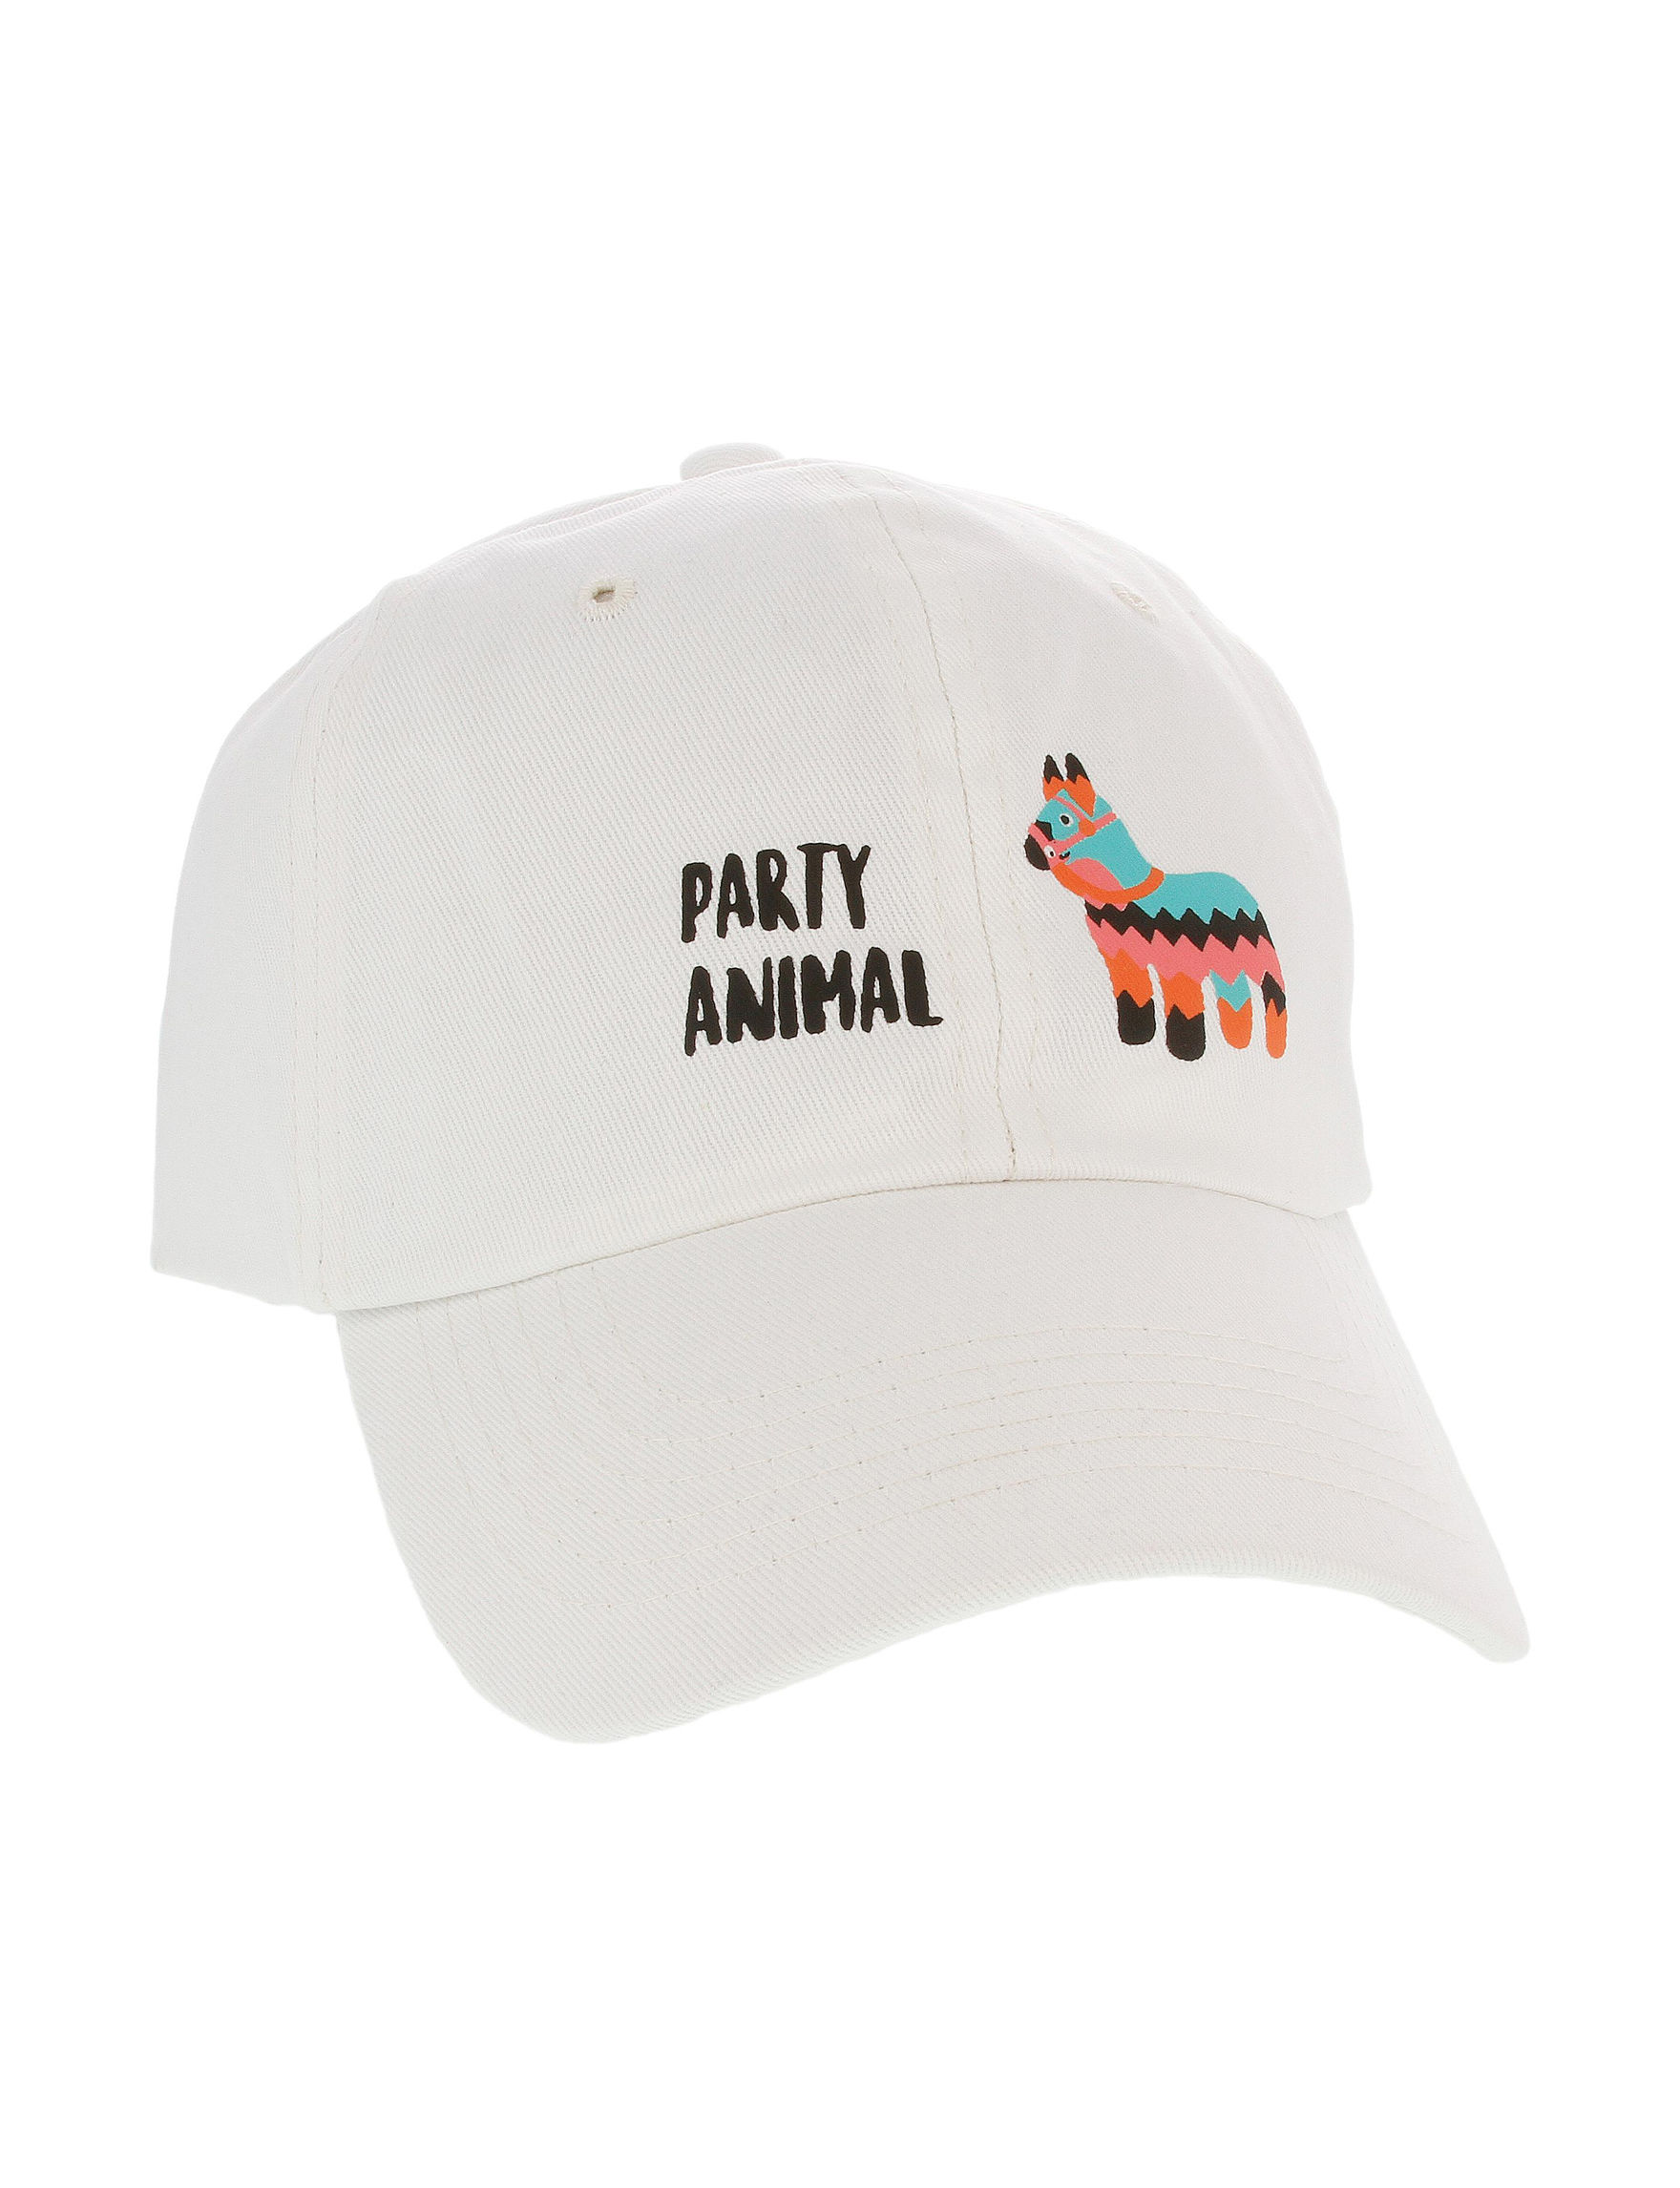 Uncas  Hats & Headwear